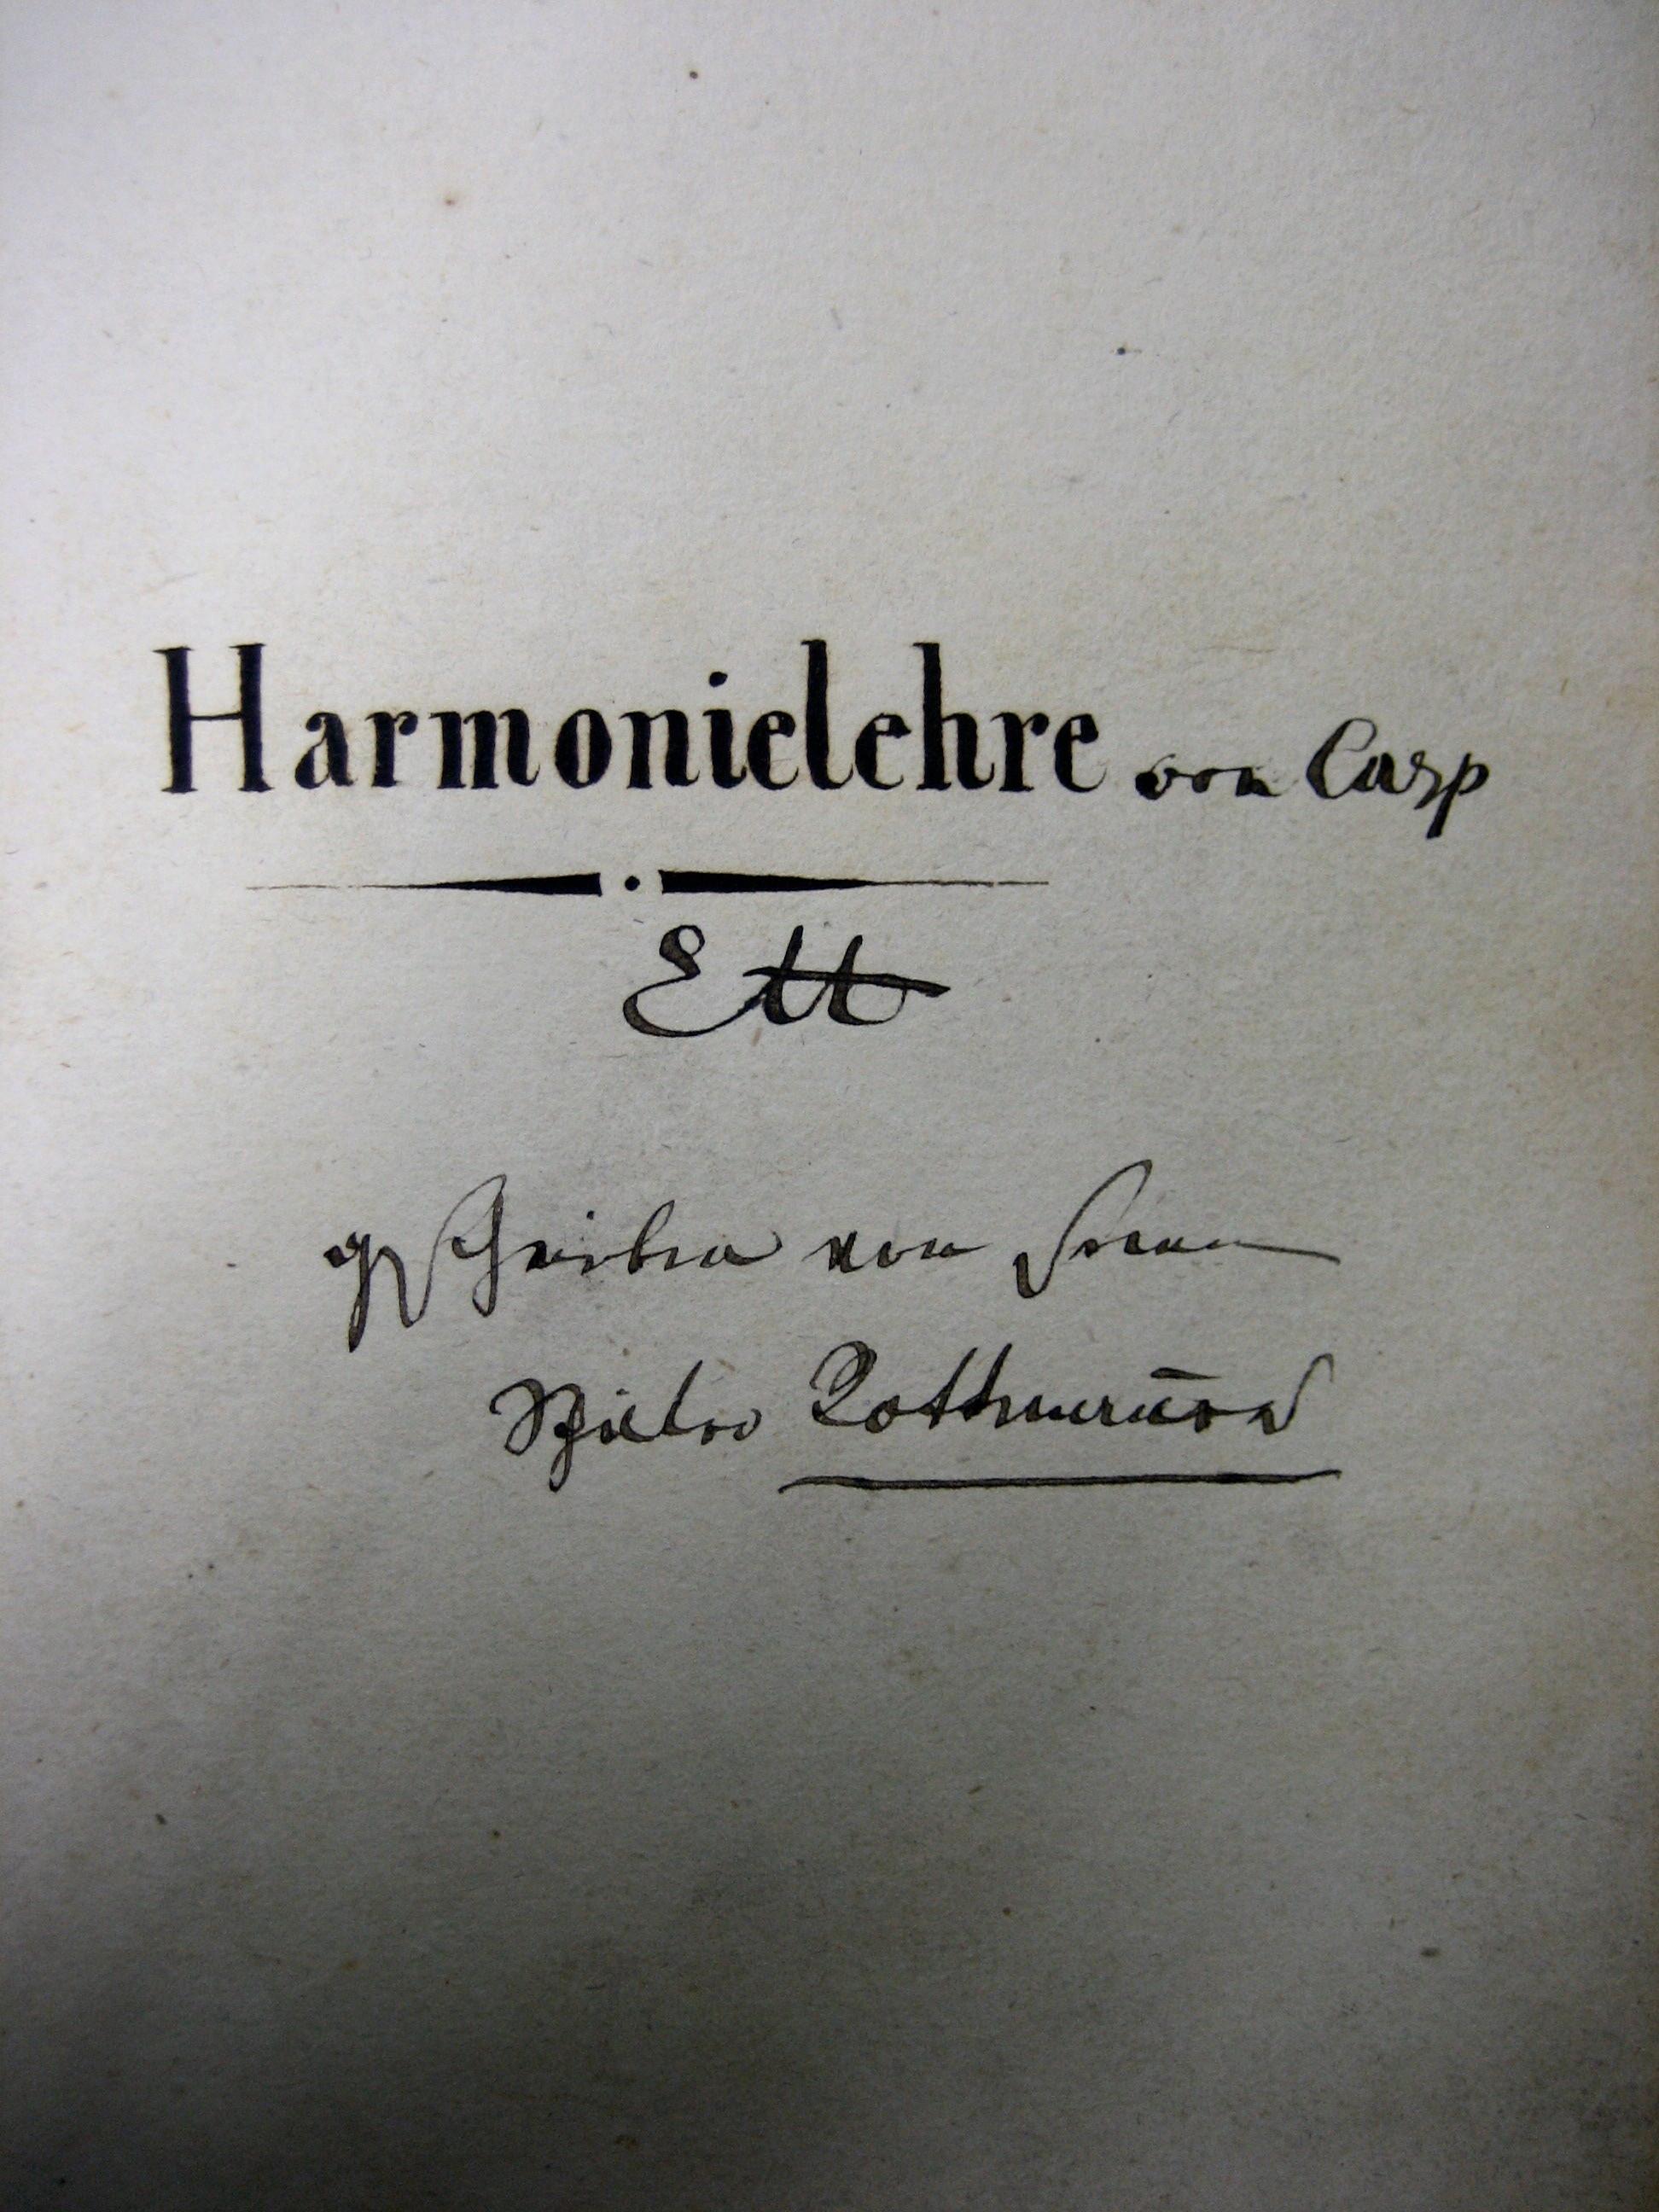 Harmonielehre von Caspar Ett